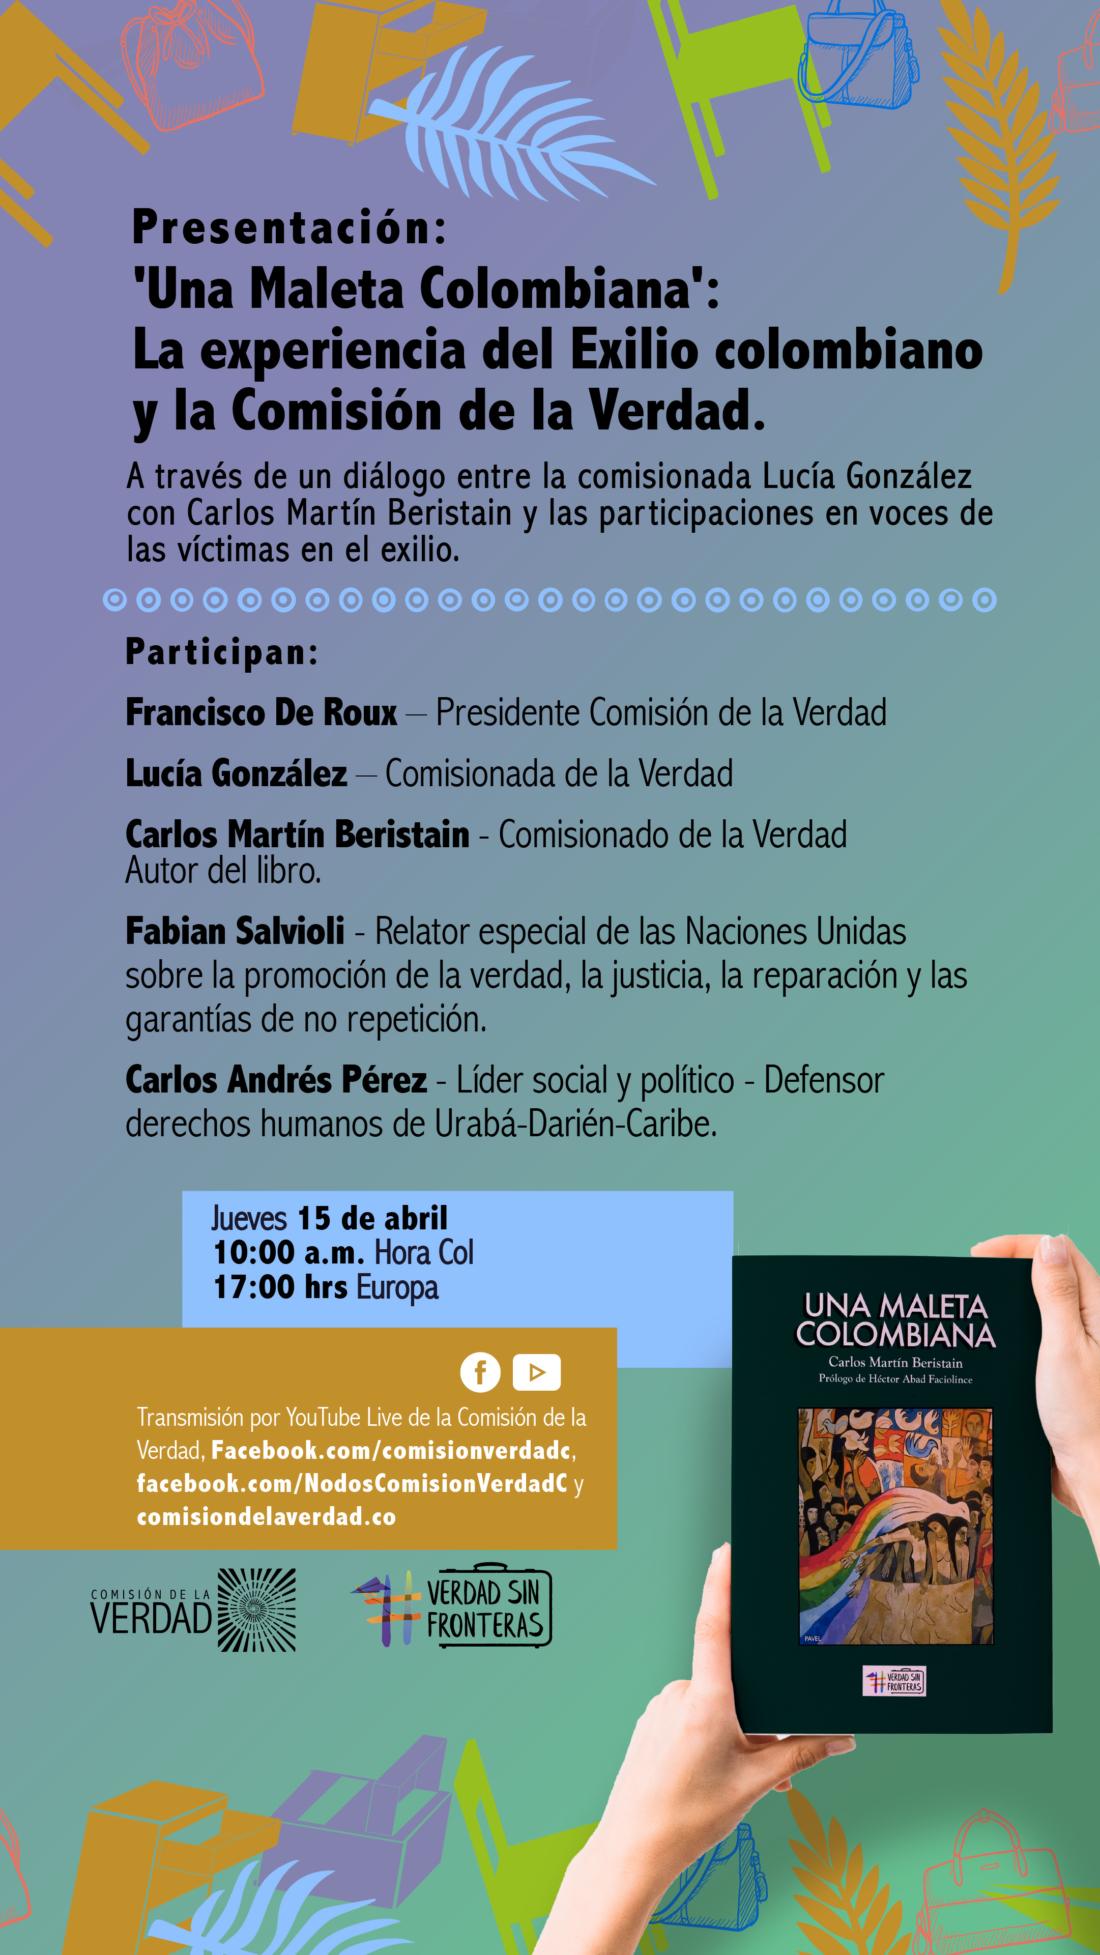 La publicación es de autoría de Carlos Beristain, comisionado de la verdad de colombia.